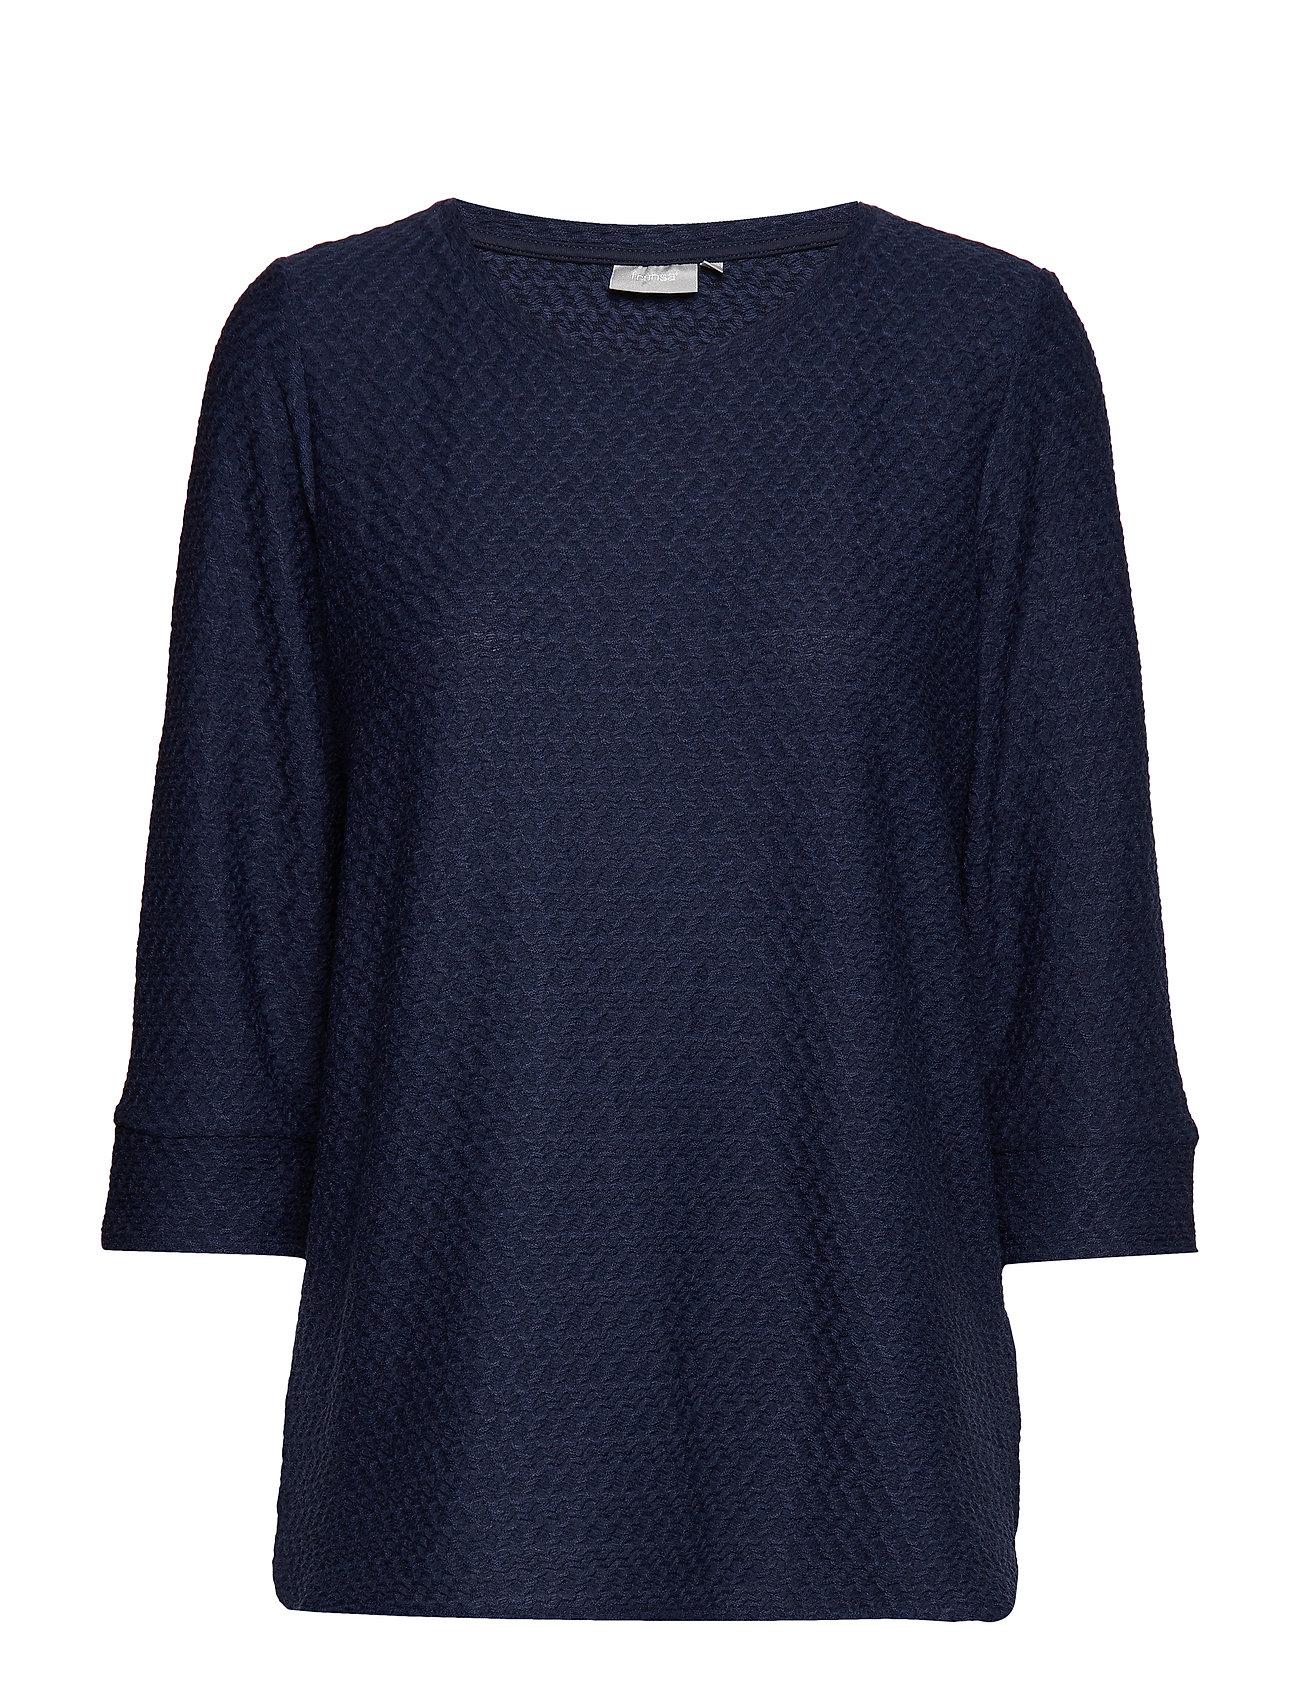 Frcijacq 1 T Shirt Bluse Langærmet Blå FRANSA